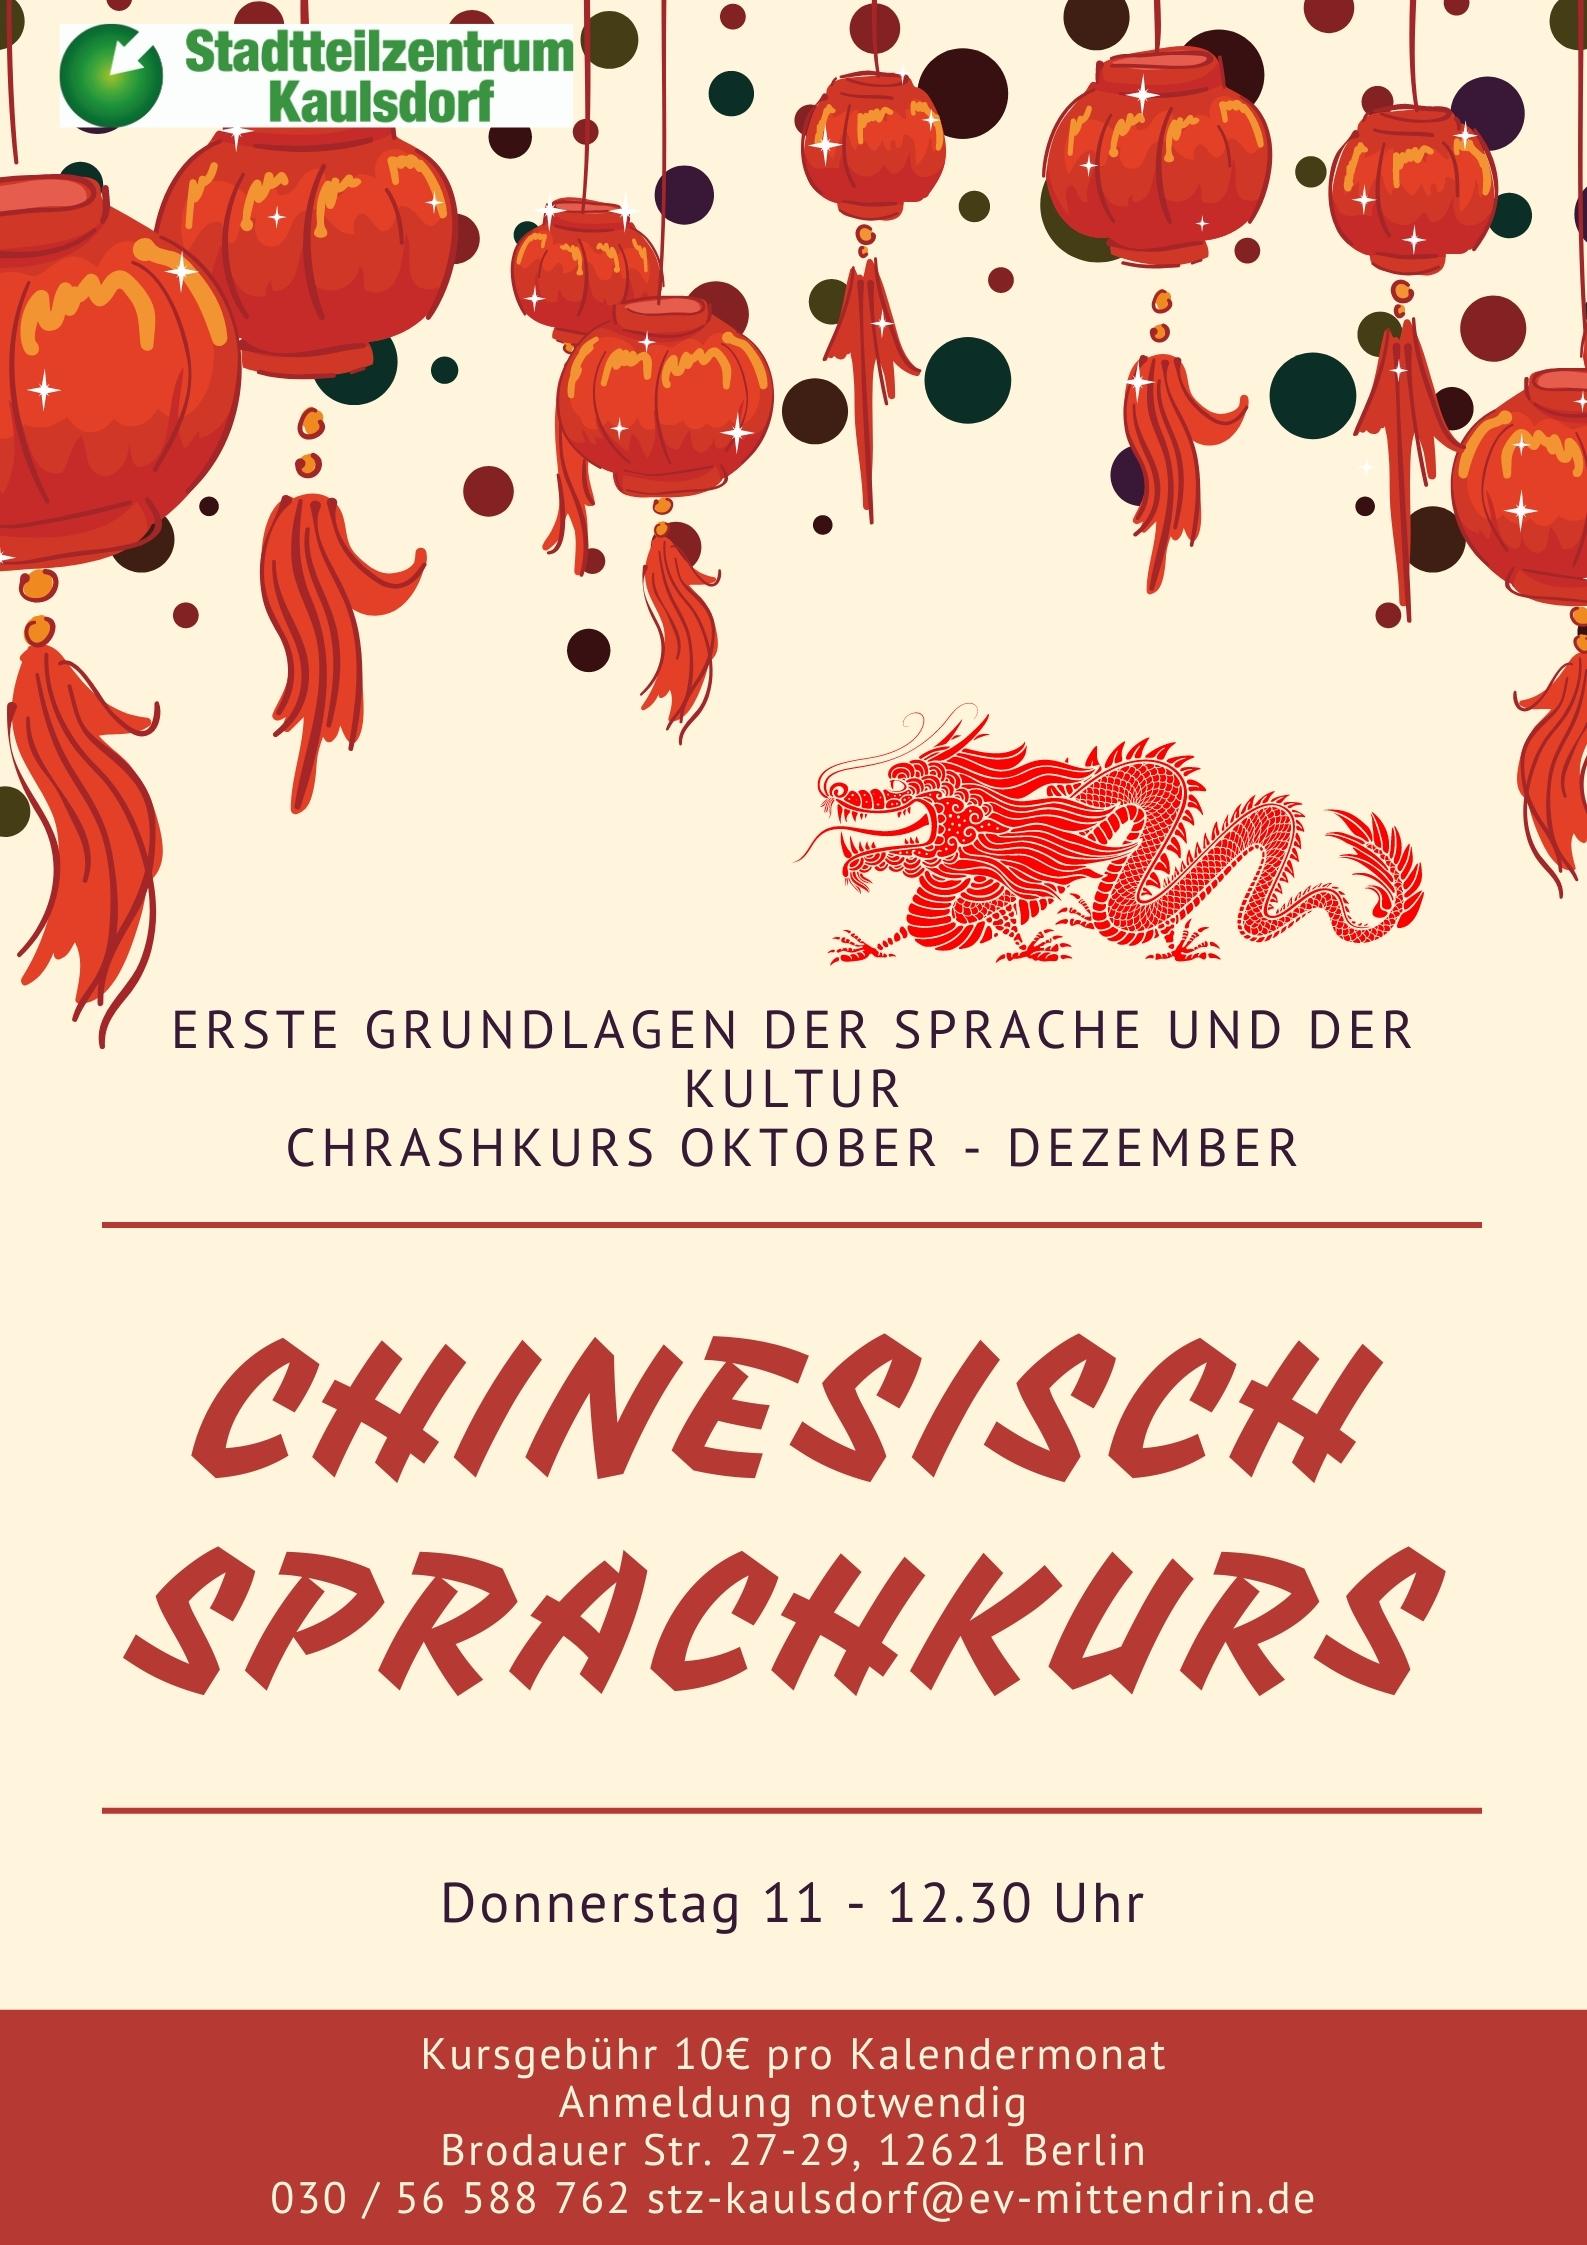 Plakat Chinesisch Sprachkurs: oben rote chinesische Lampions und ein roter Drache. Darunter der Text in chinesischer Schrift, Hintergrund gelblich